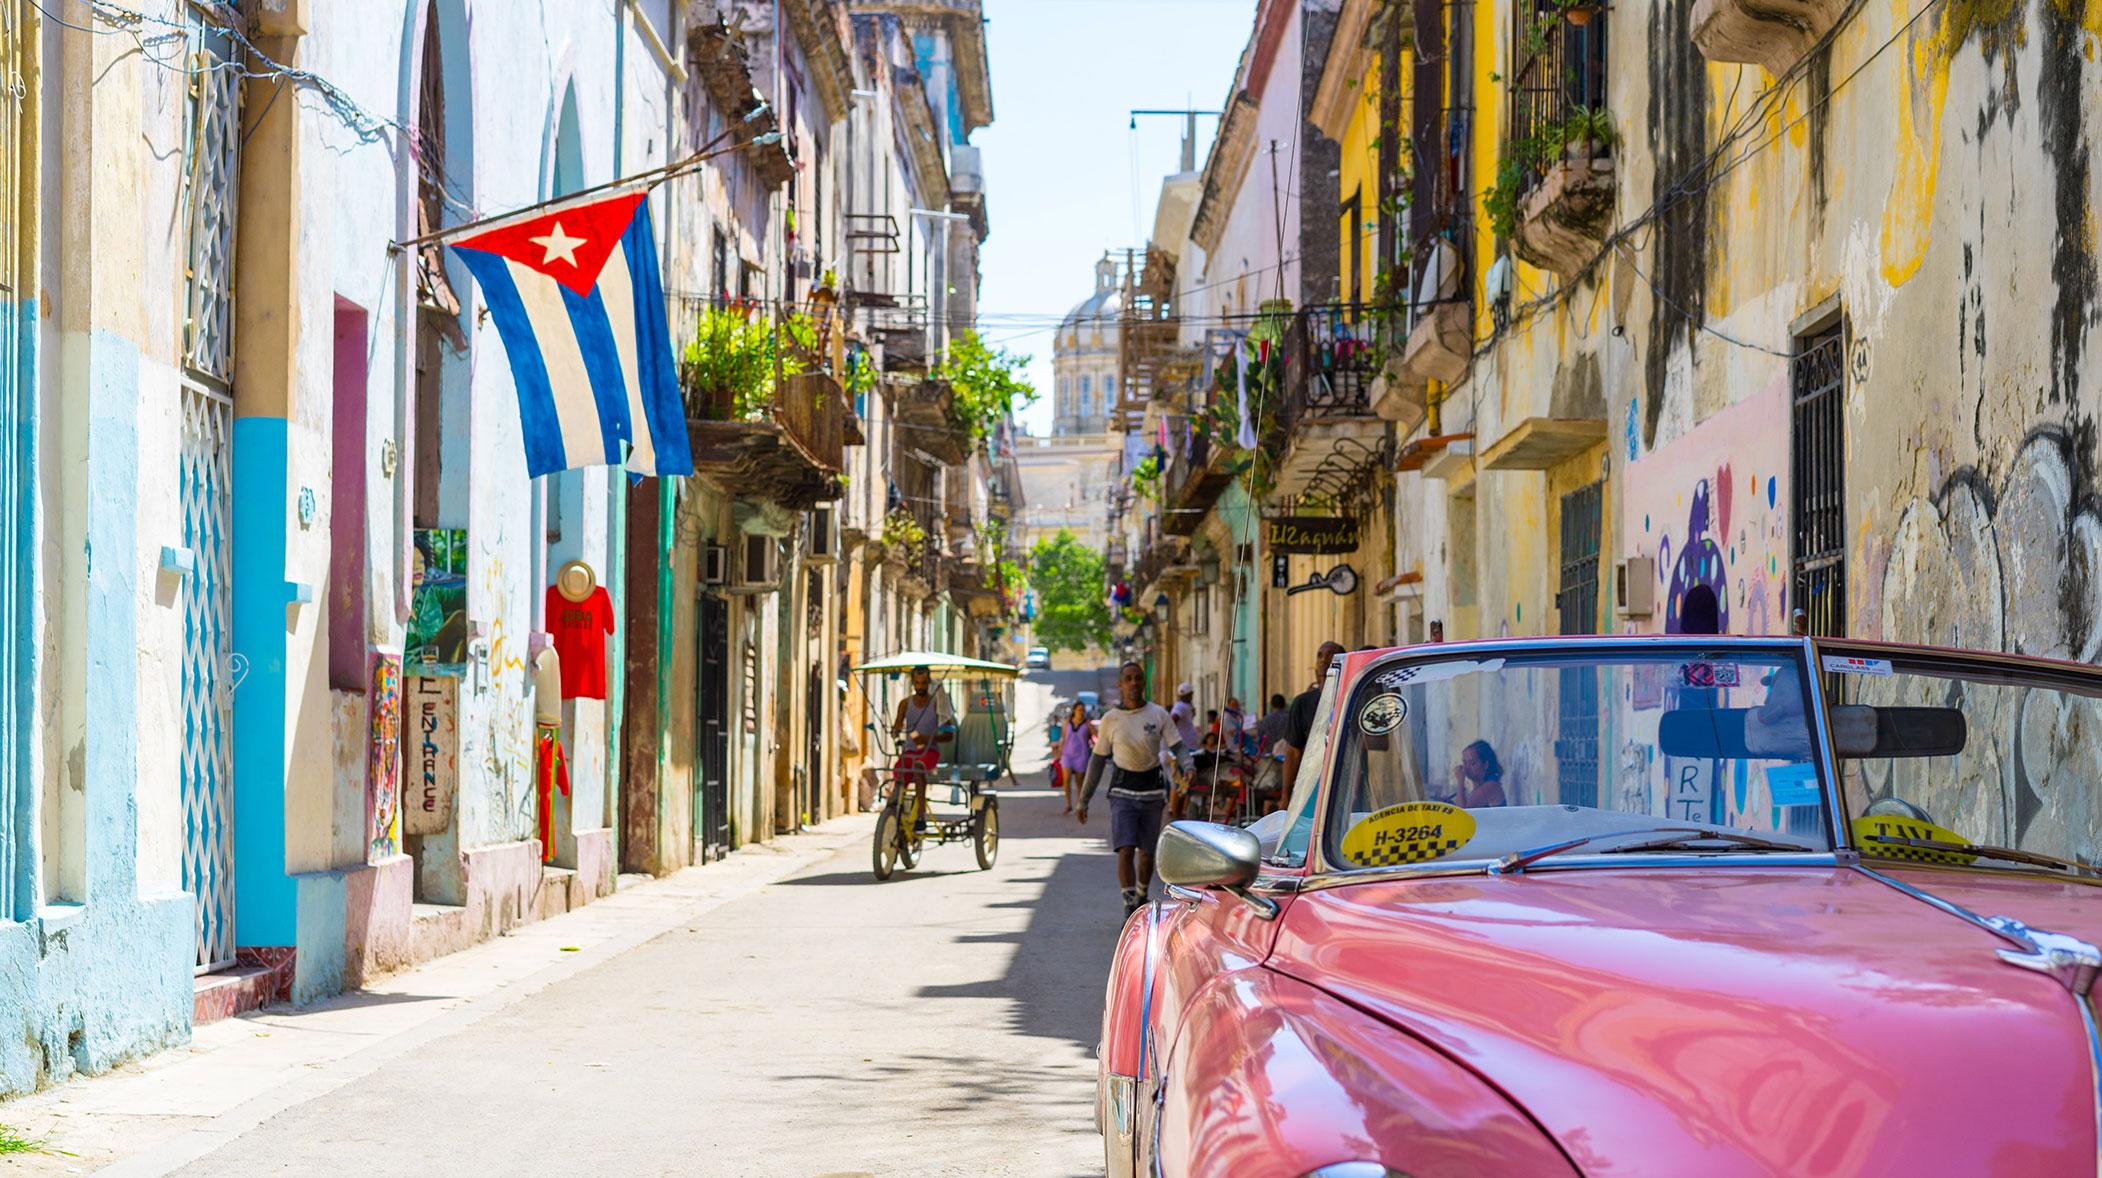 Viajar a Cuba: Consejos e información útil